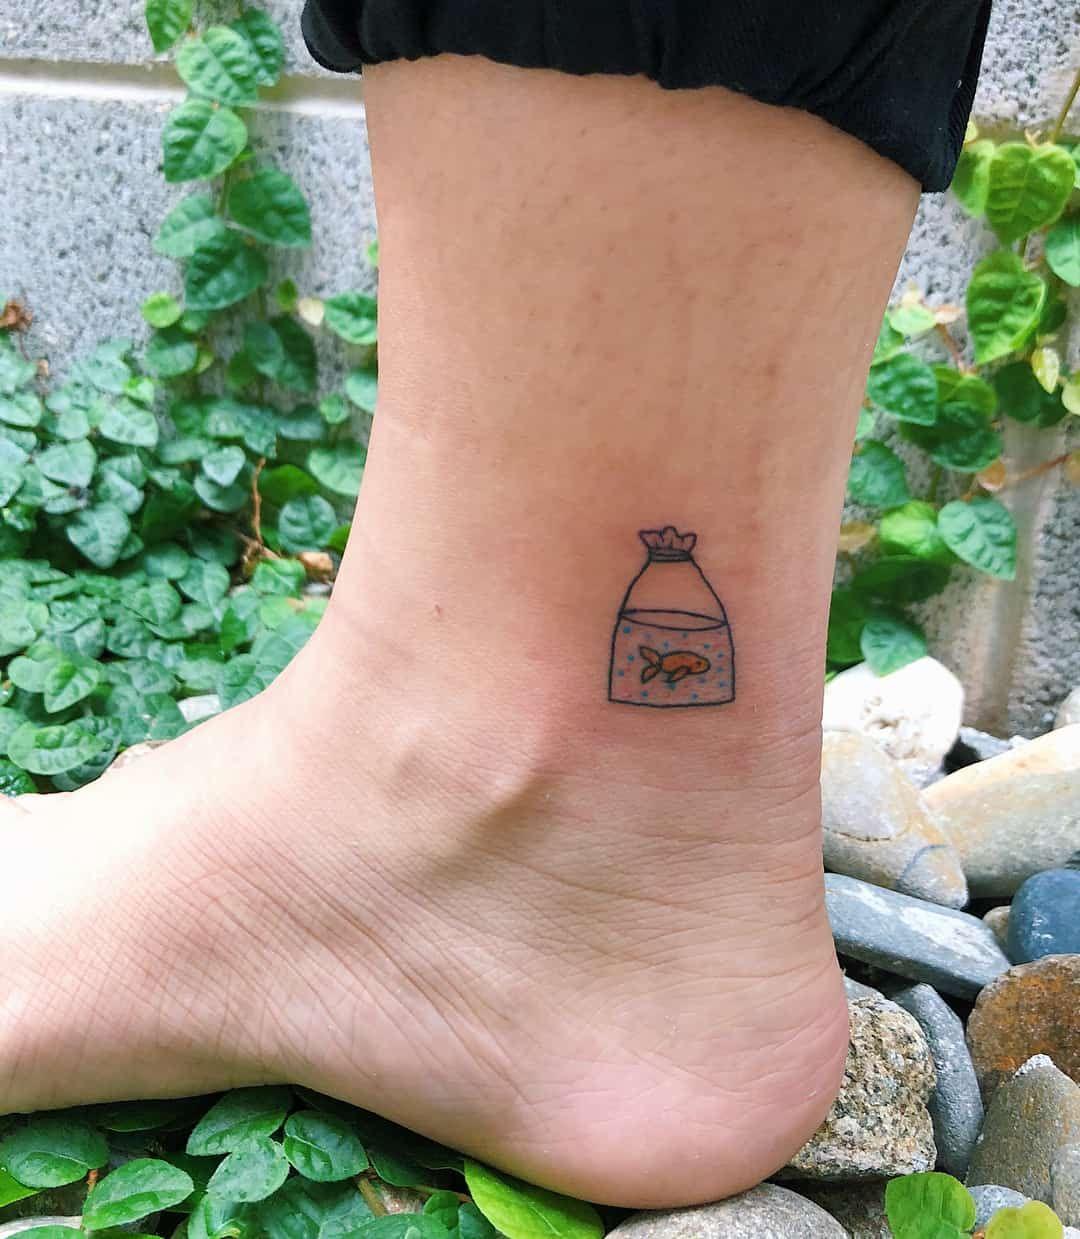 Uv tattoo artist tukoi oya tattoo artwoonz in 2020